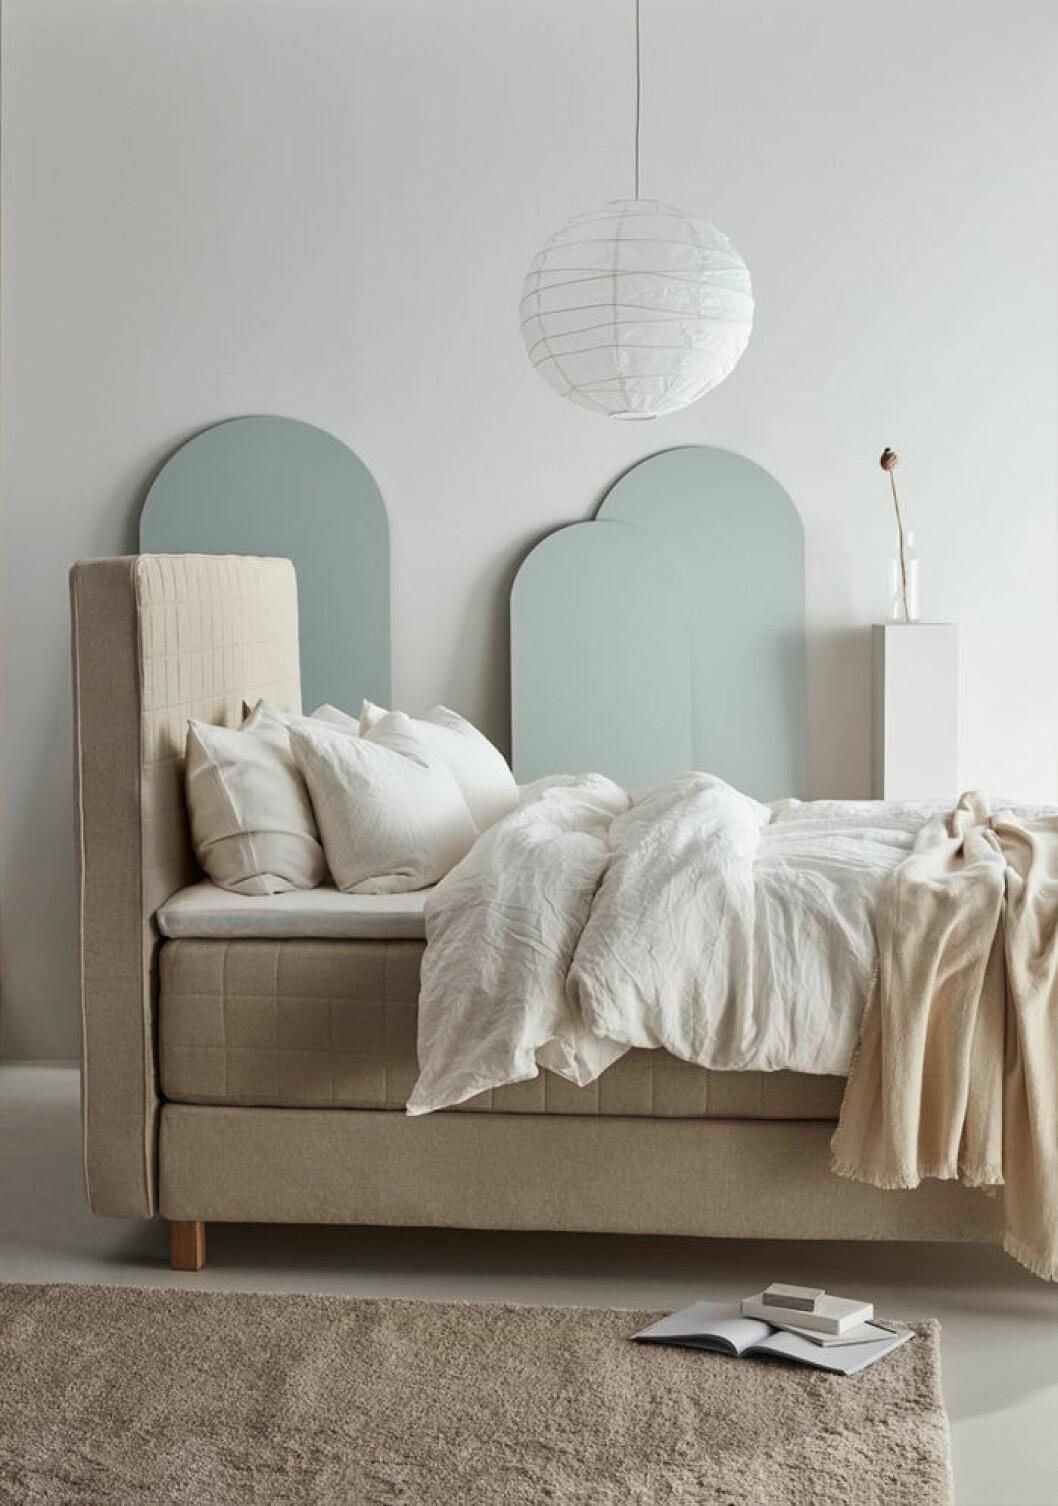 Ikea-katalogen 2019 trendig säng